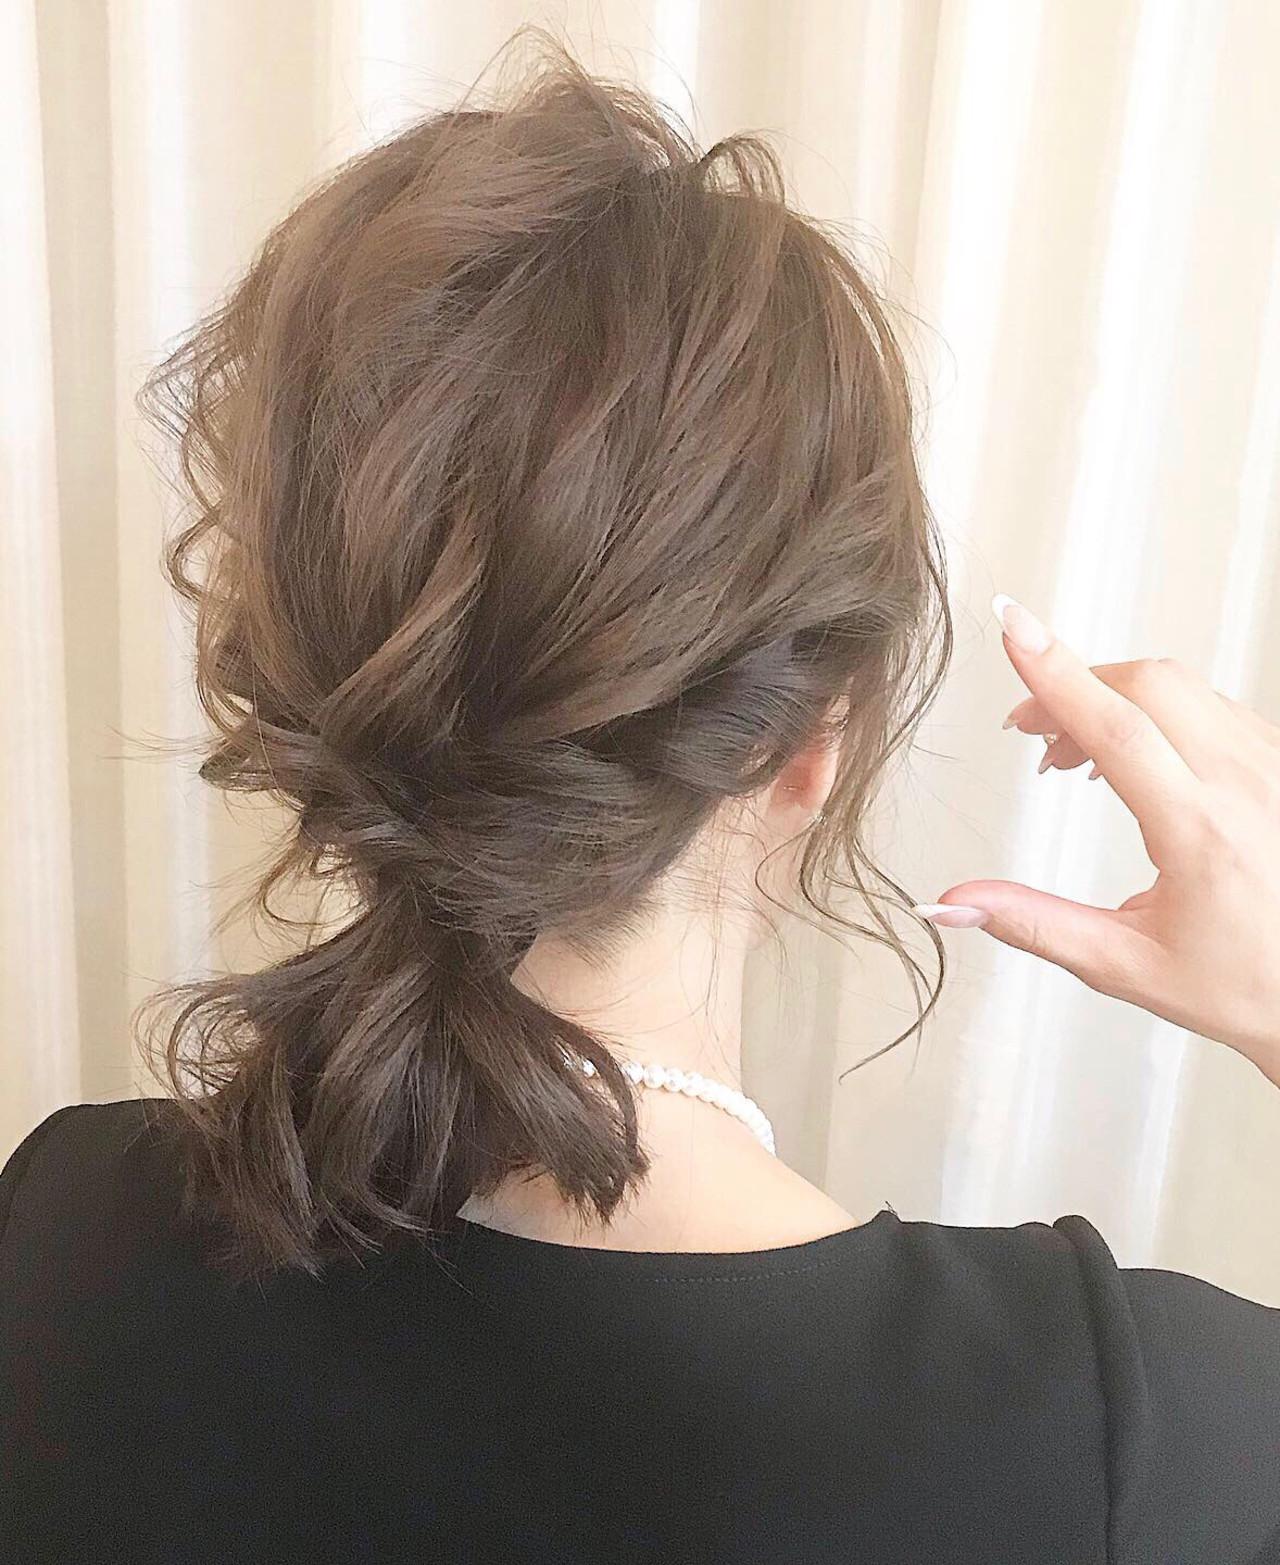 ミディアム ヘアアレンジ ナチュラル 結婚式ヘアアレンジ ヘアスタイルや髪型の写真・画像